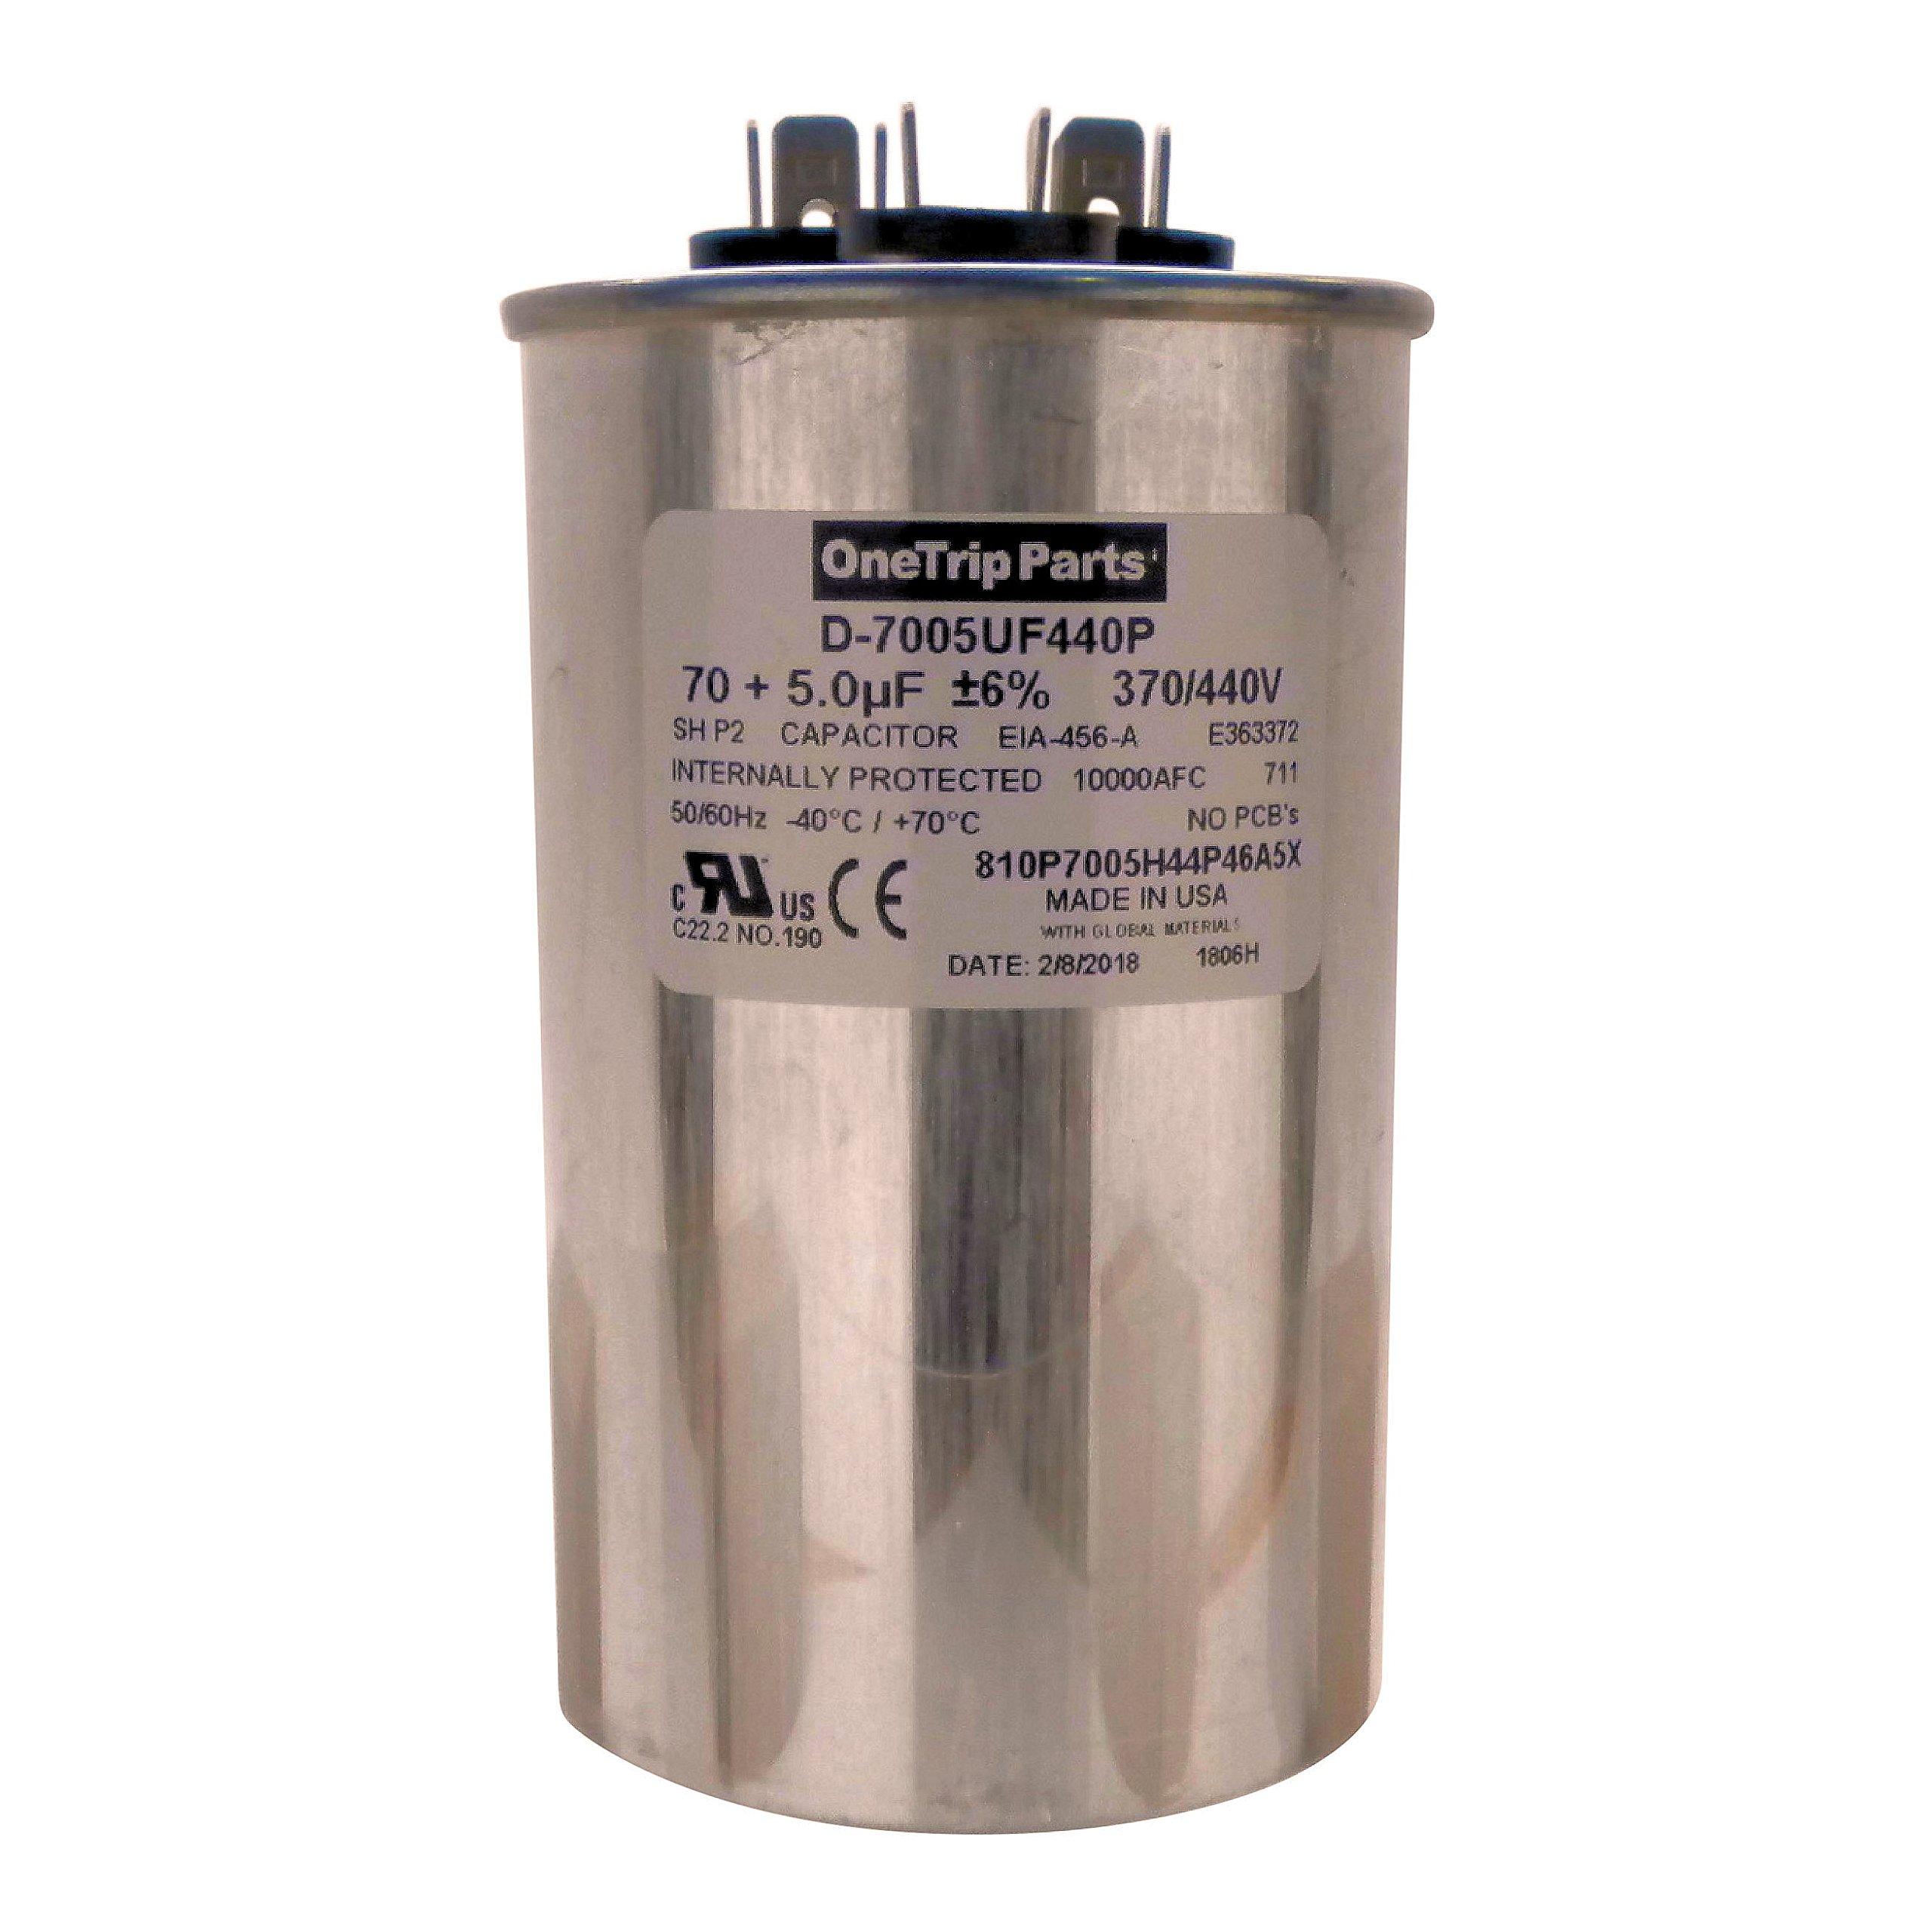 OneTrip Parts USA Run Capacitor 70+5 UF 70/5 MFD 370 VAC / 440 VAC 2-1/2 Inch Round Heavy Duty